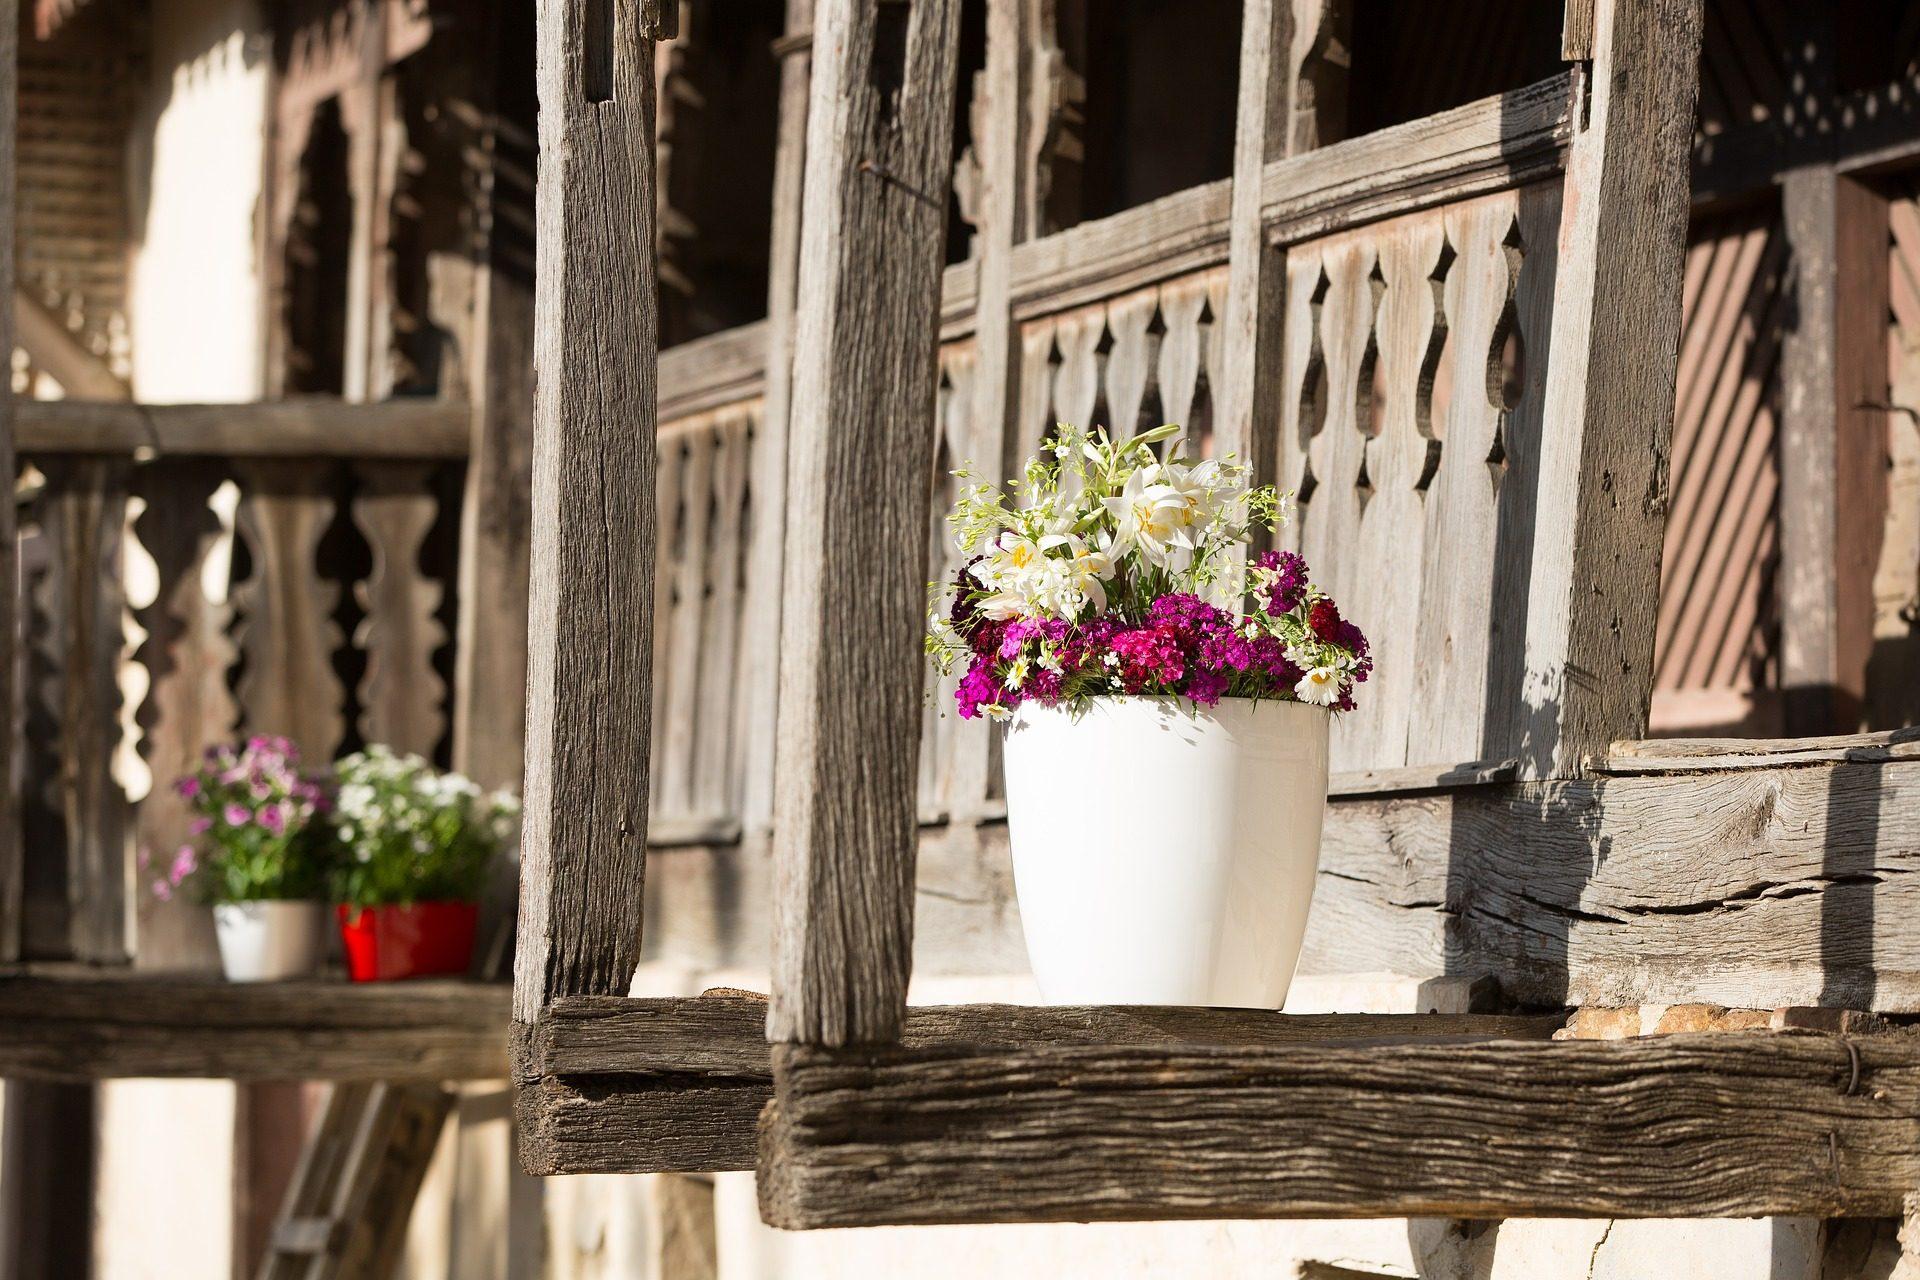 Veranda Holz wallpaper der töpfe pflanzen blumen veranda haus holz